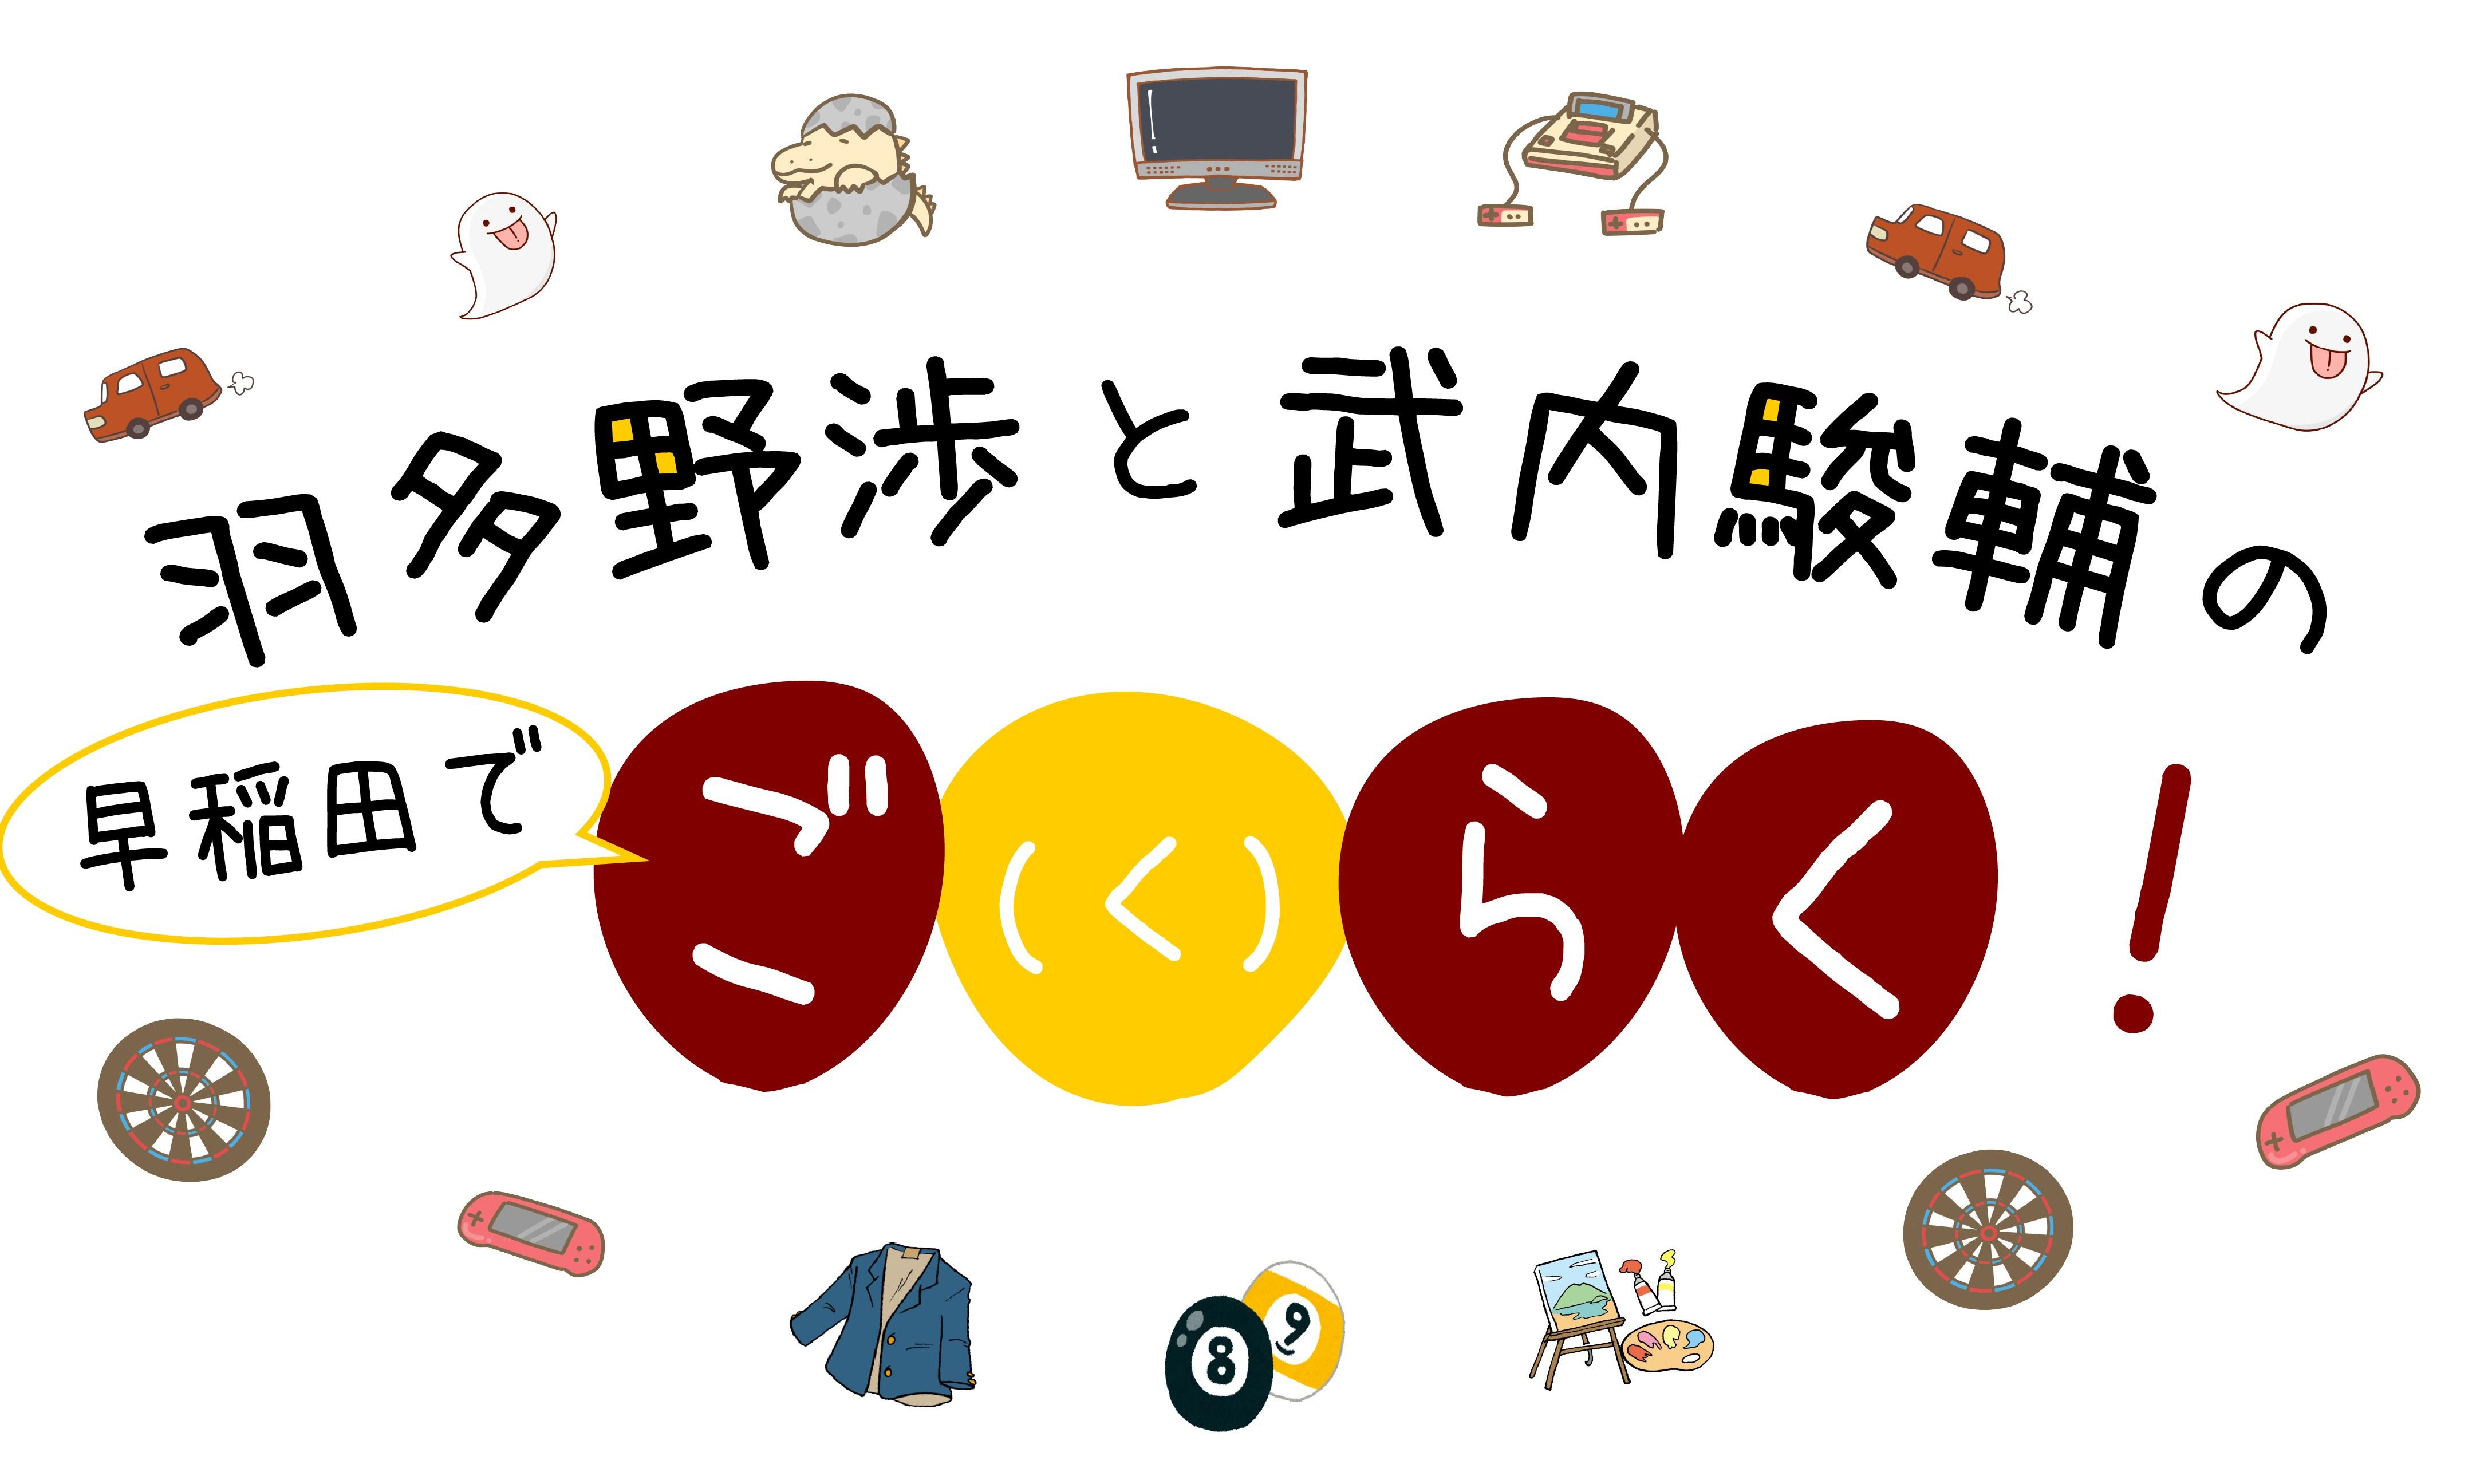 羽多野渉と武内駿輔の 早稲田でご(く)らく!